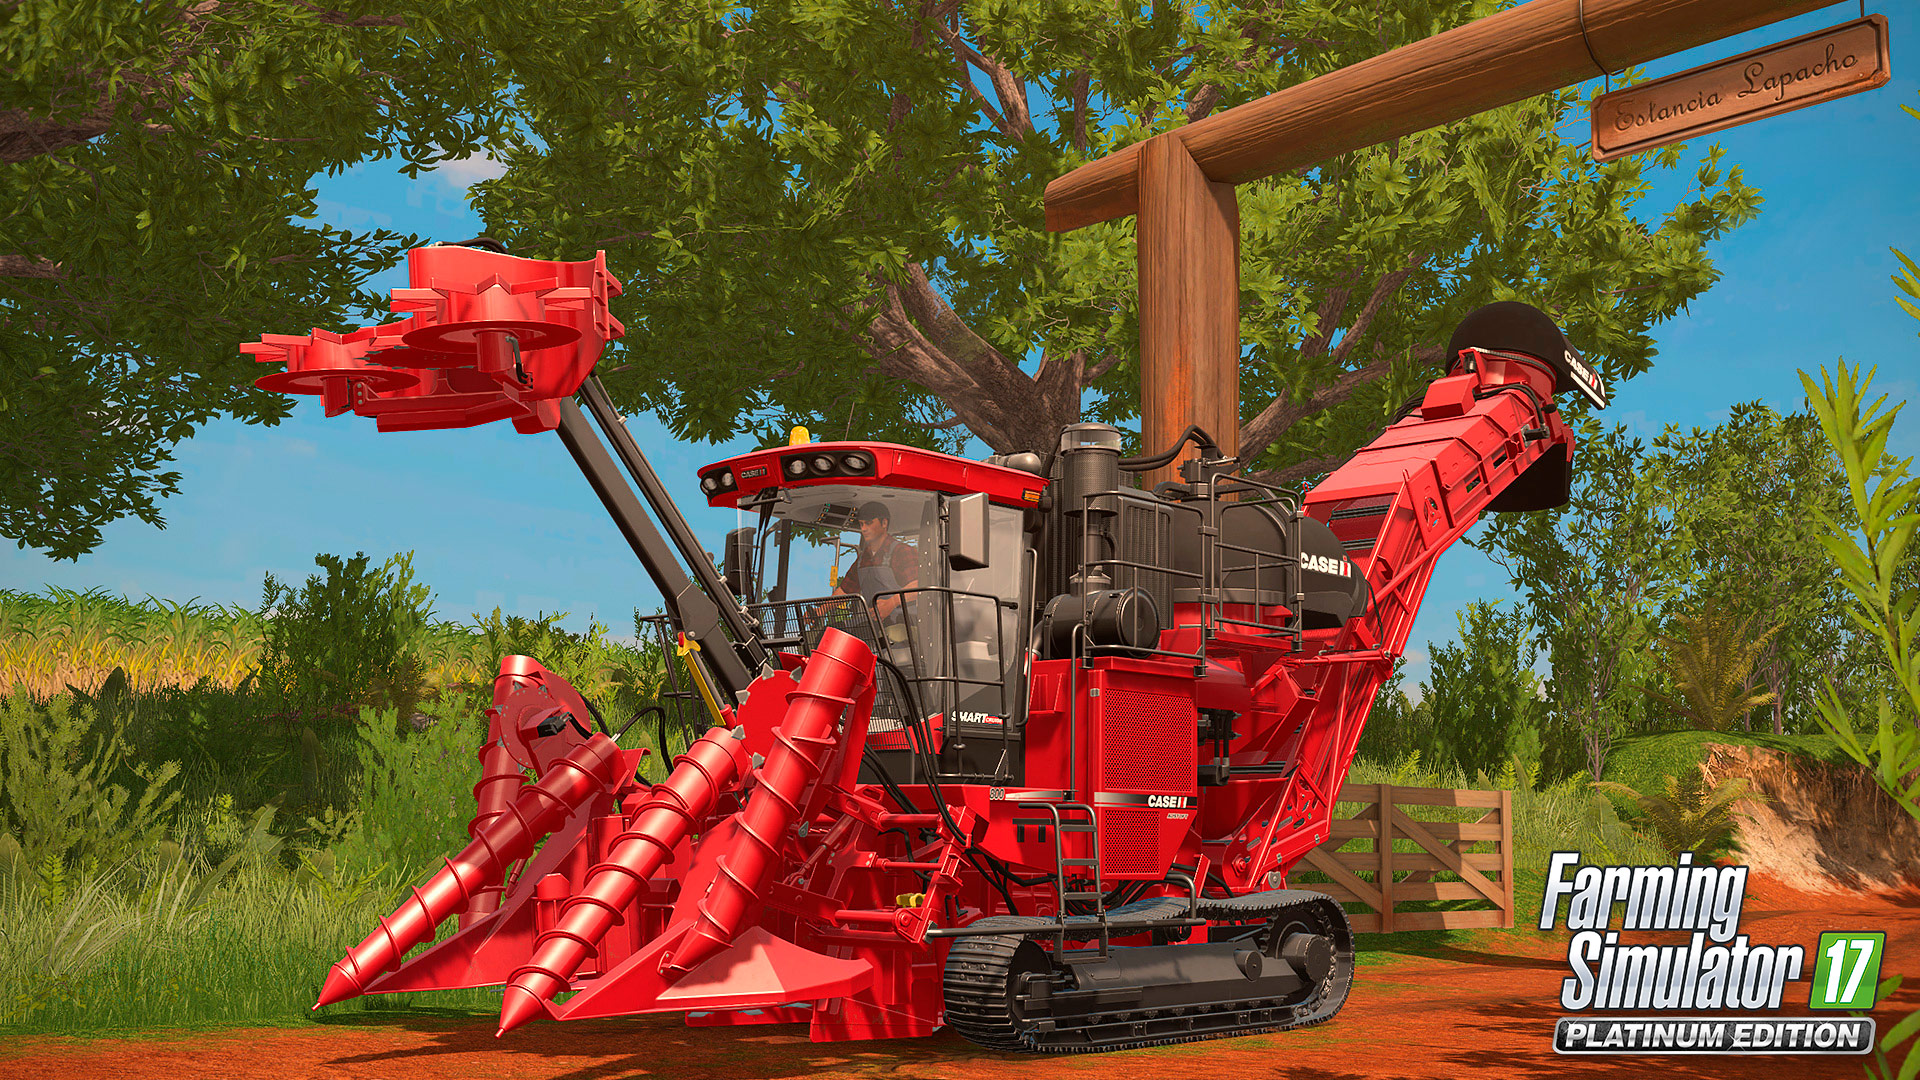 Розыгрыш лицензионной копии игры Farming Simulator 17 Platinum Edition